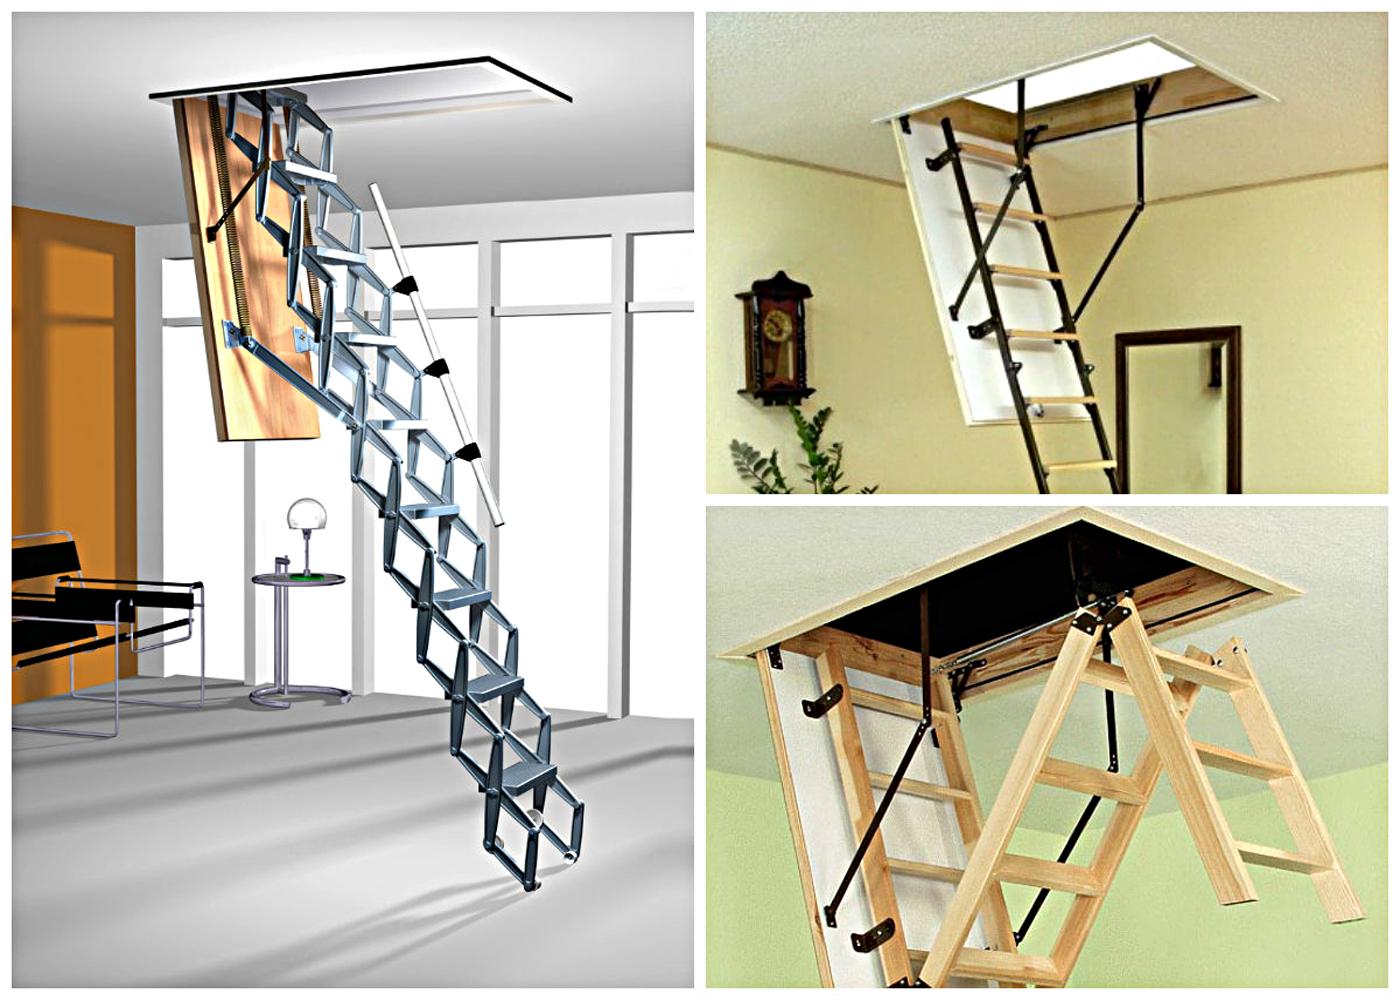 Лестница раскладная на чердак своими руками - делаем пошагово 5